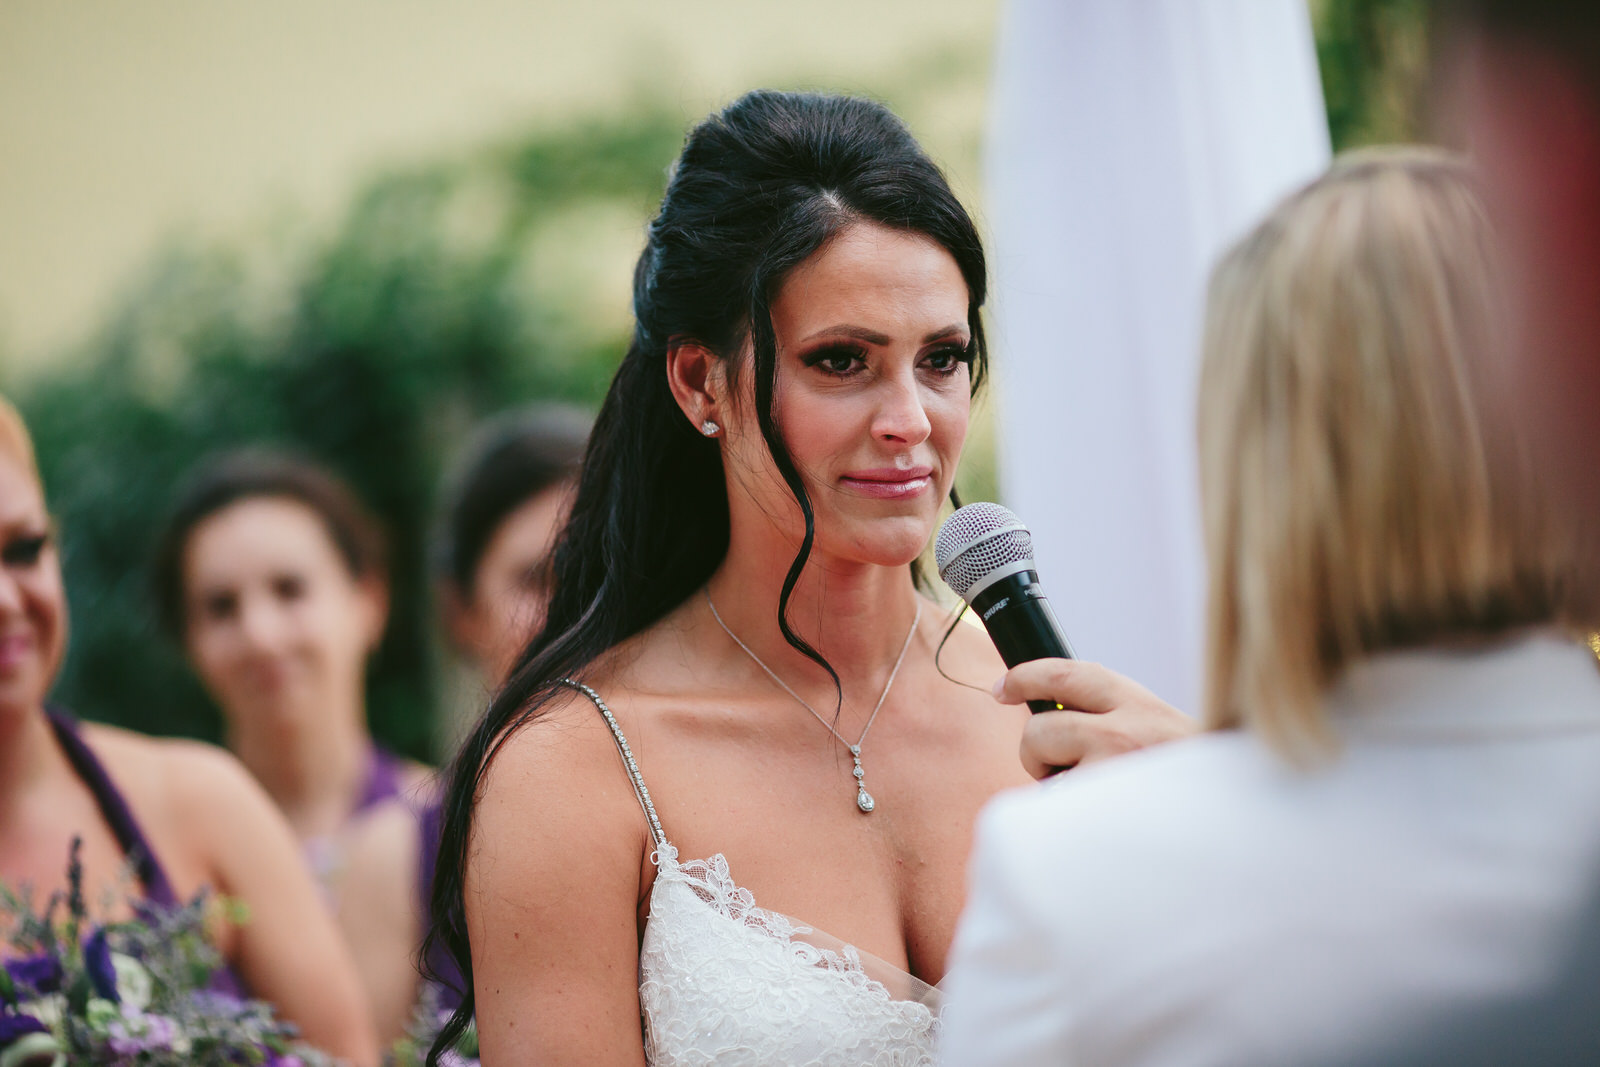 brides_wedding_ceremony_the_addison_boca_raton_tiny_house_photo_emotional_photography.jpg